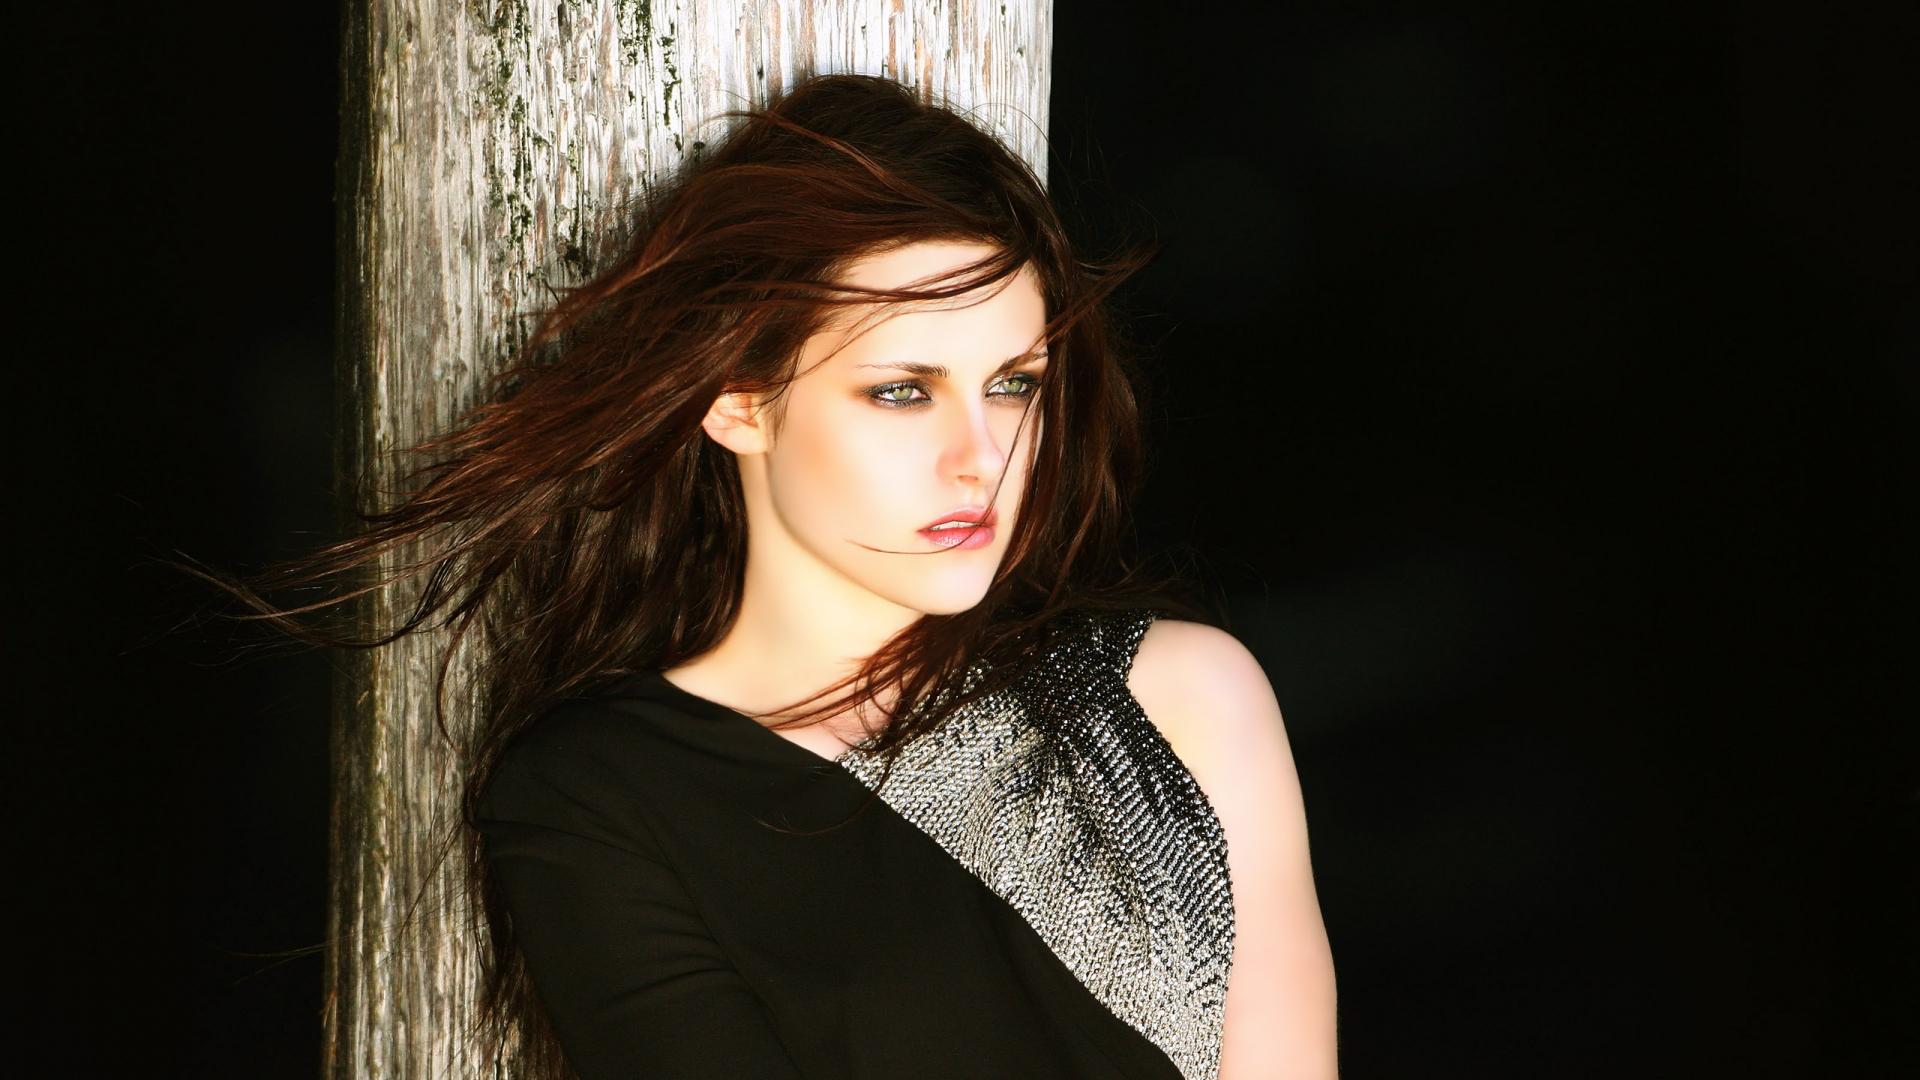 Kristen Stewart 2013 - 1920x1080